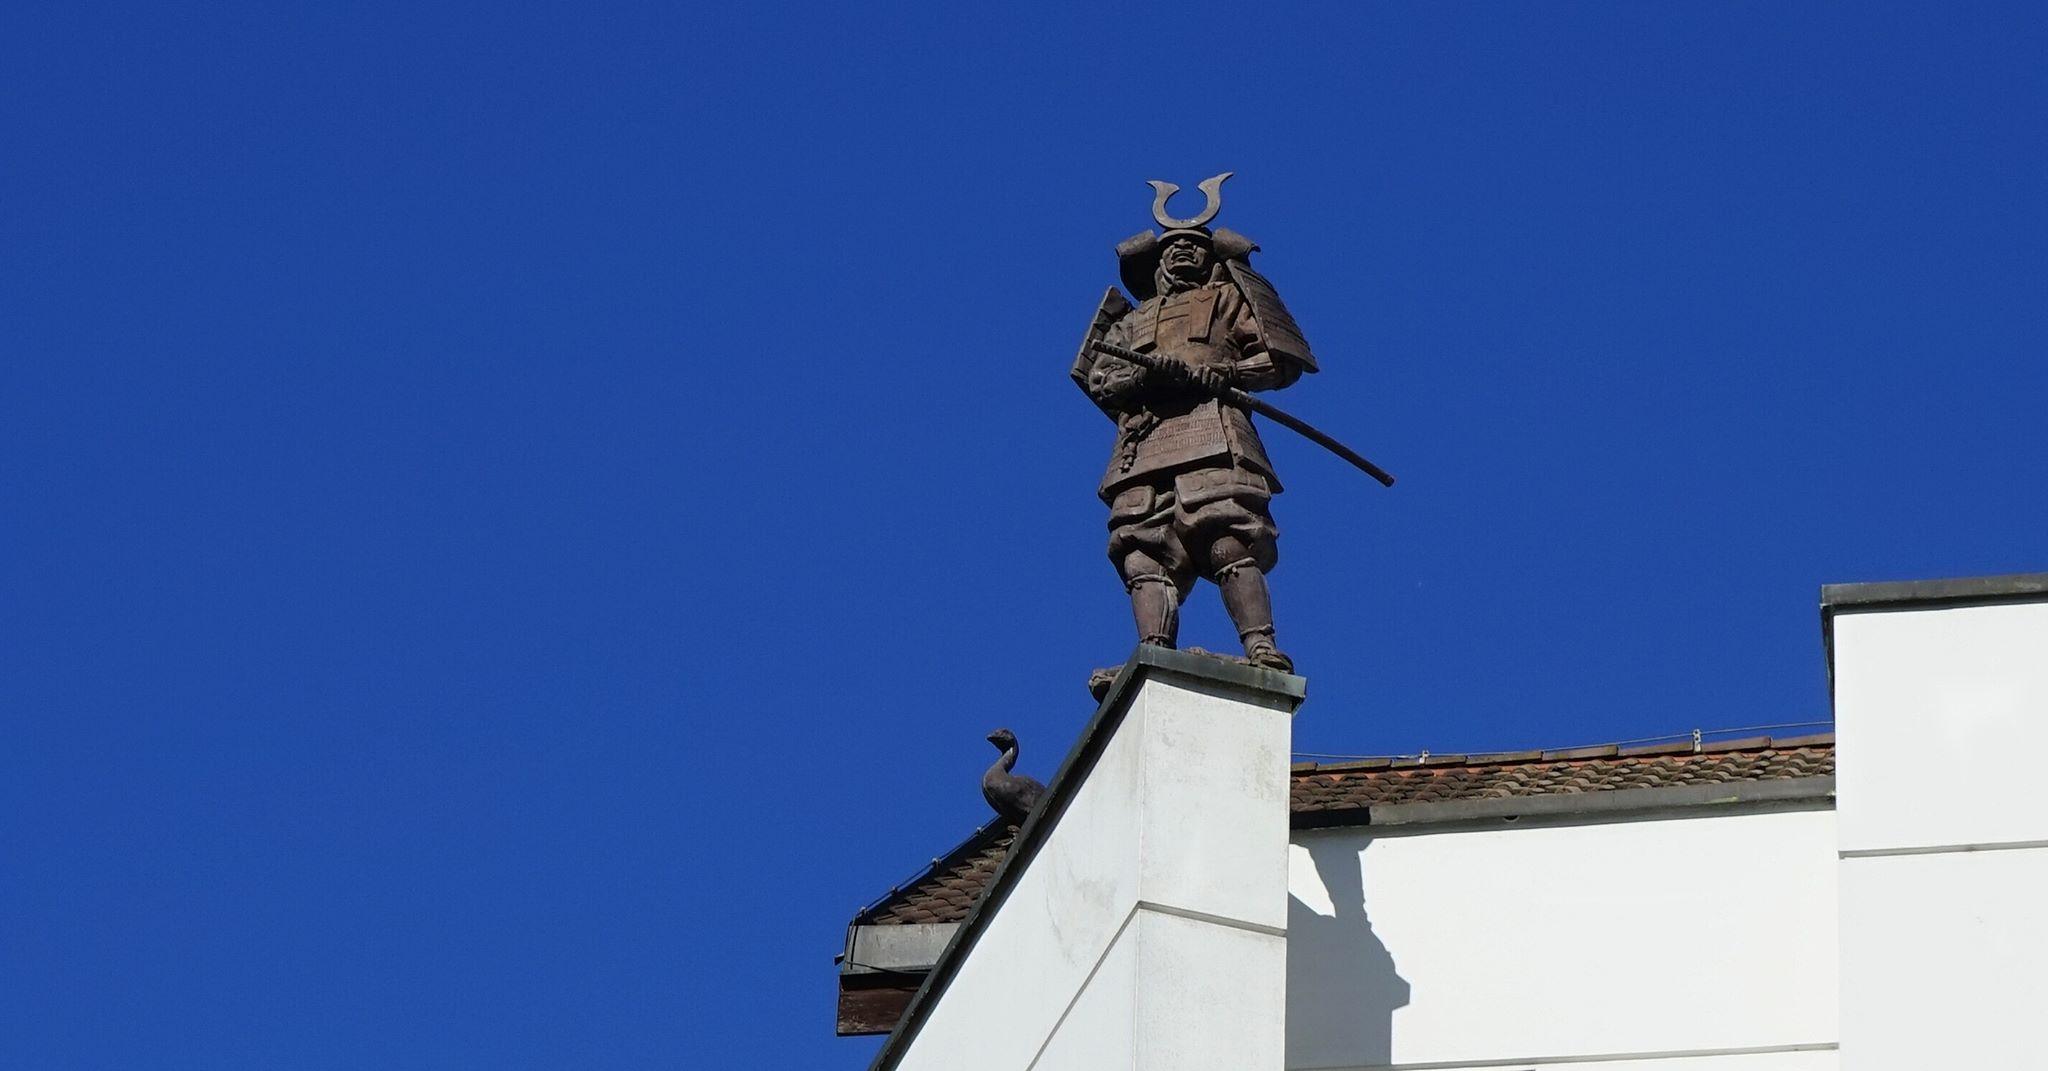 Samuraj hlídající Brno – ZAJÍMAVOST DNE